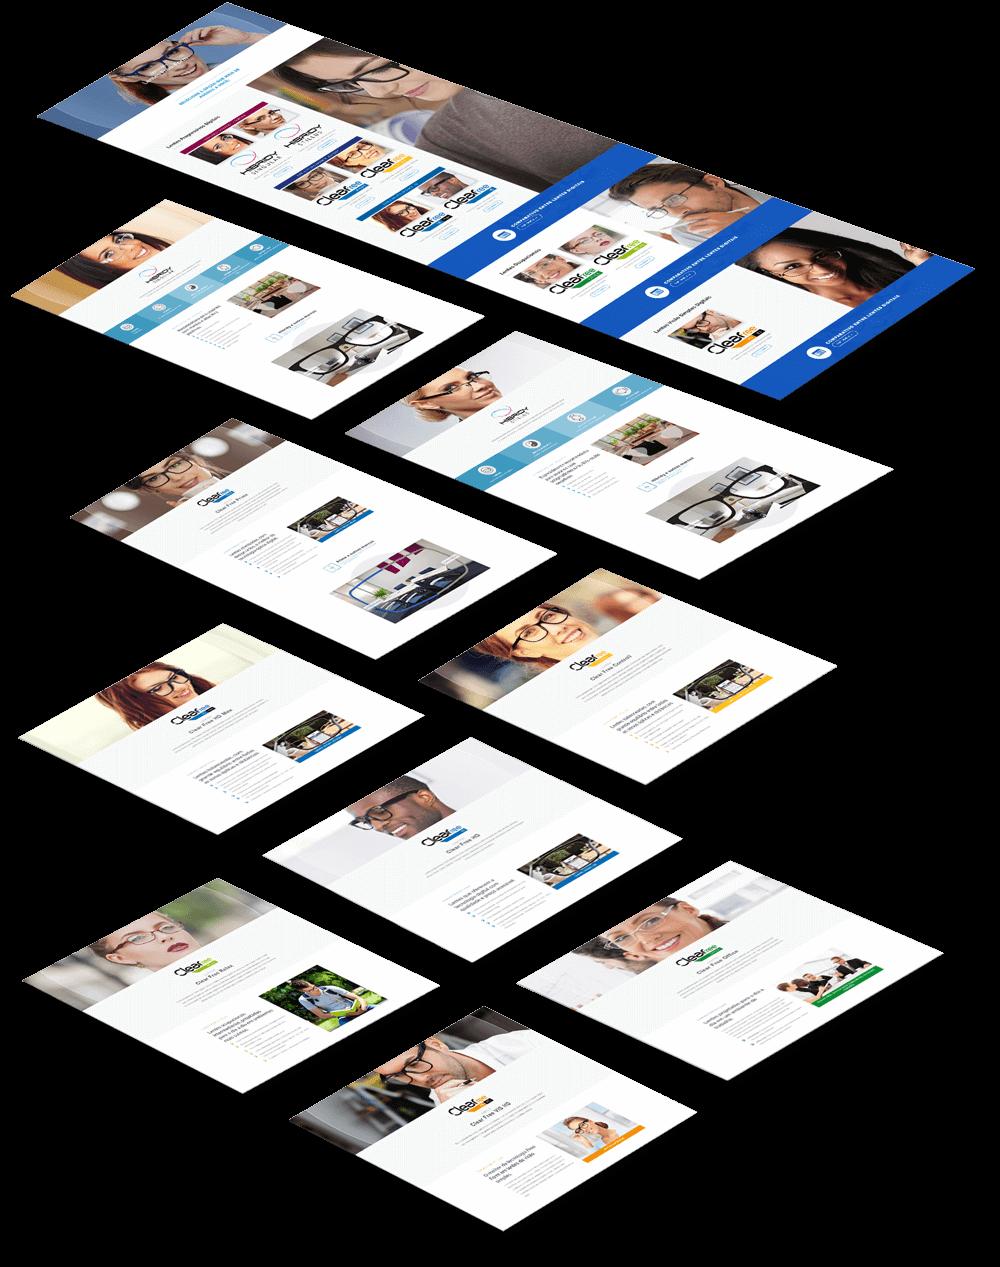 telas mostrando o processo de redesign do site Clear Optical